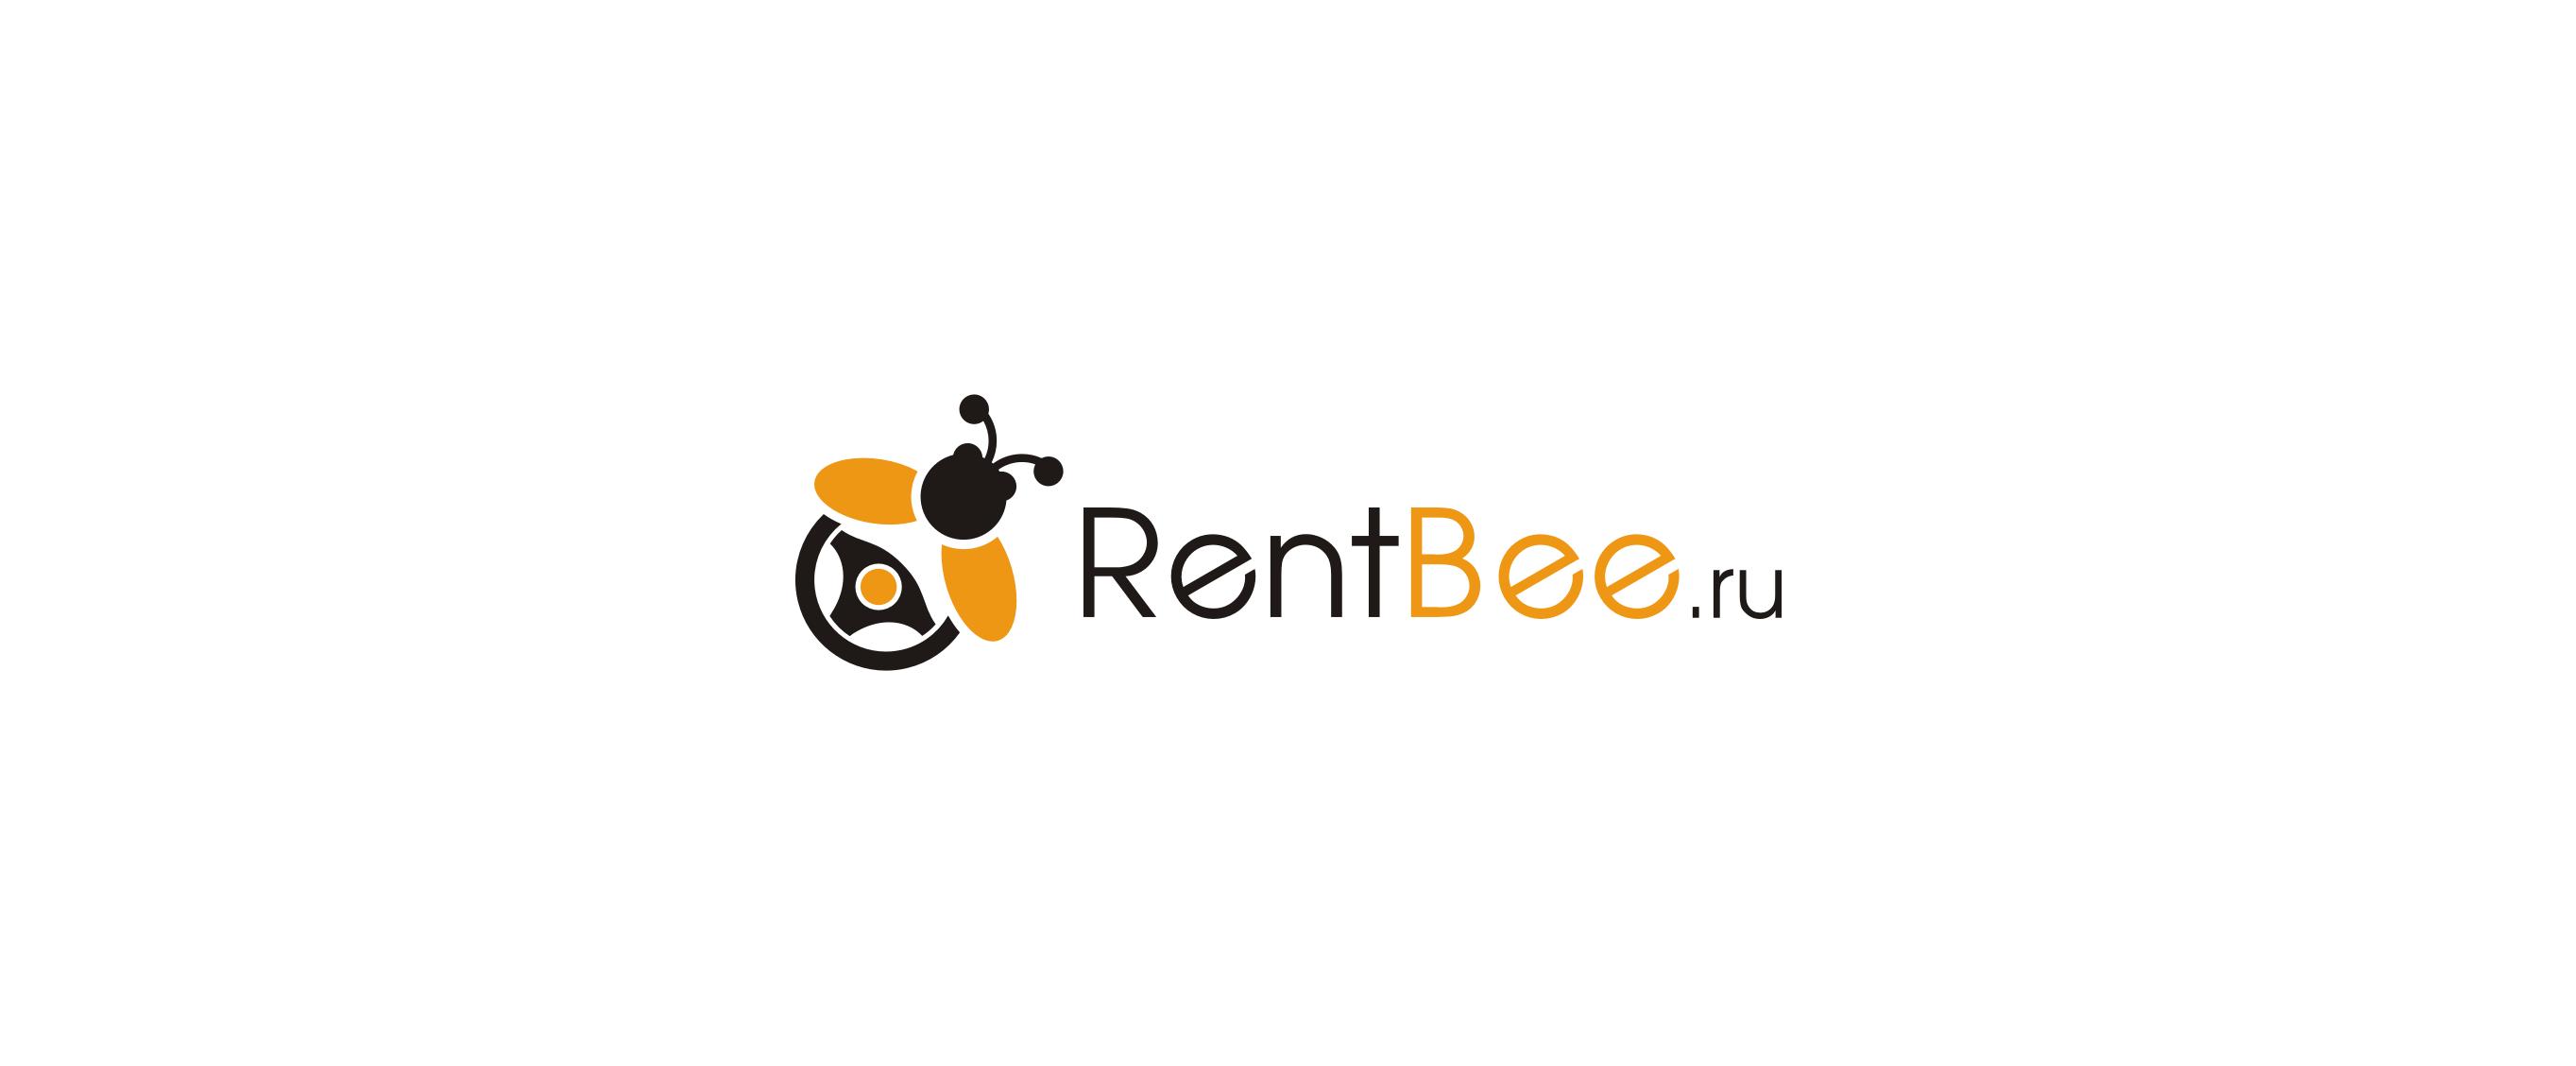 RentBee.ru